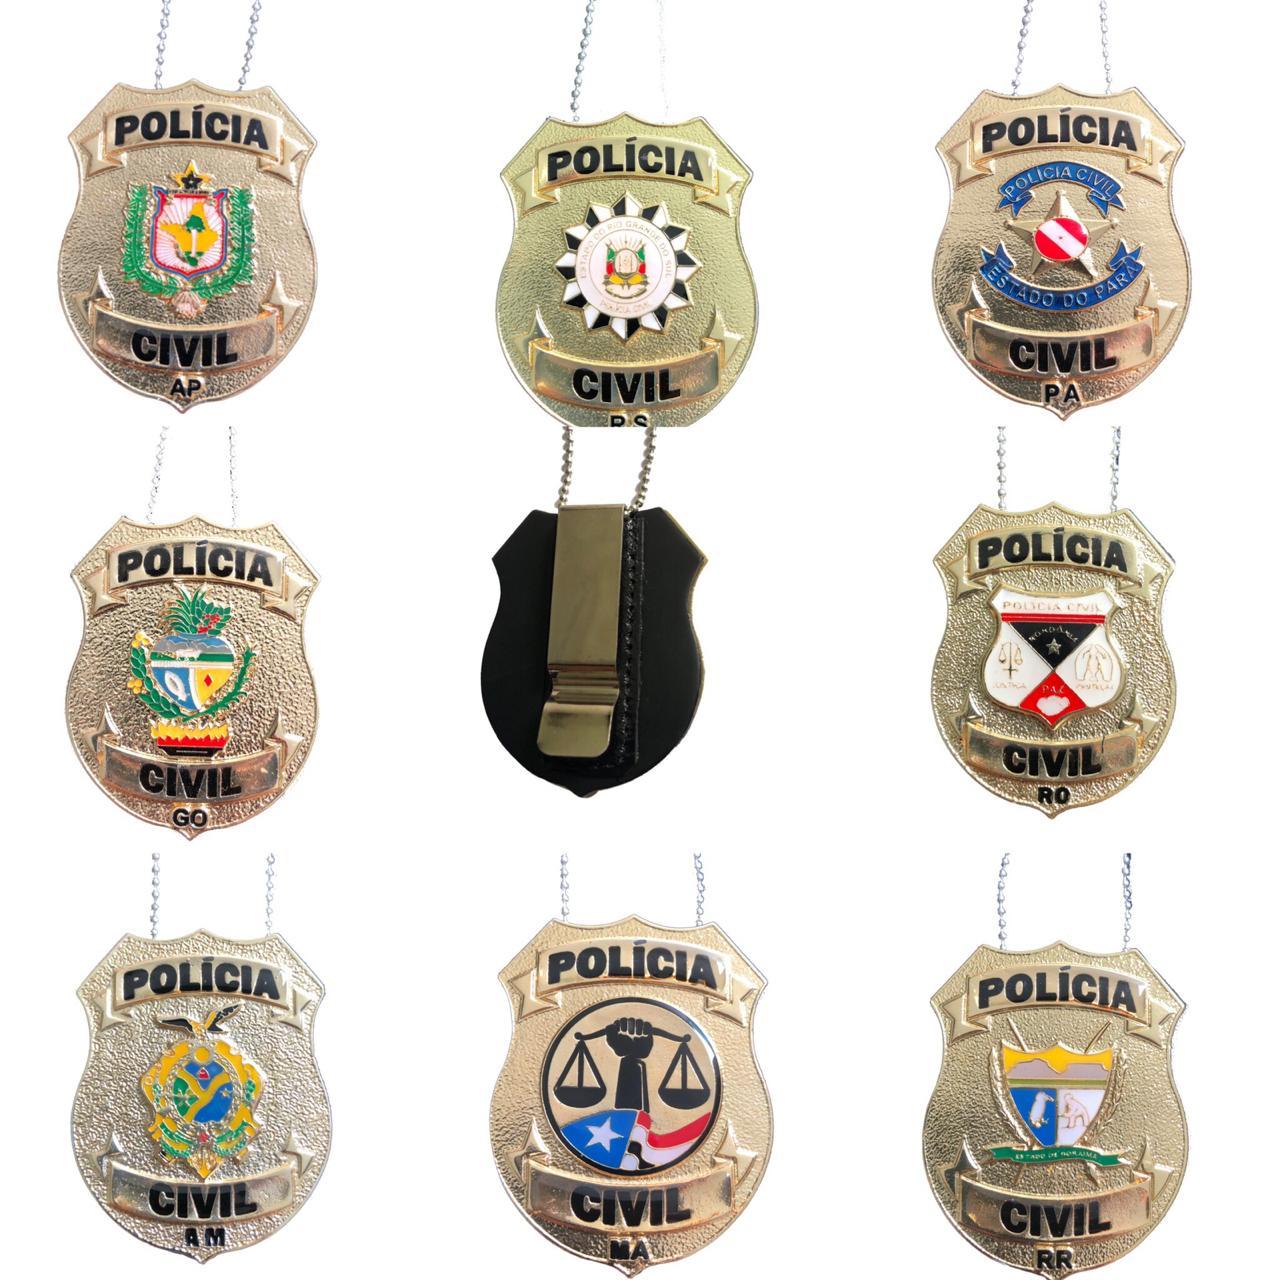 NOVOS Distintivos Polícia Civil dos Estados: AM/AP/GO/MA/PA/RO/RS/RR - Boletim Regimental 155/2017